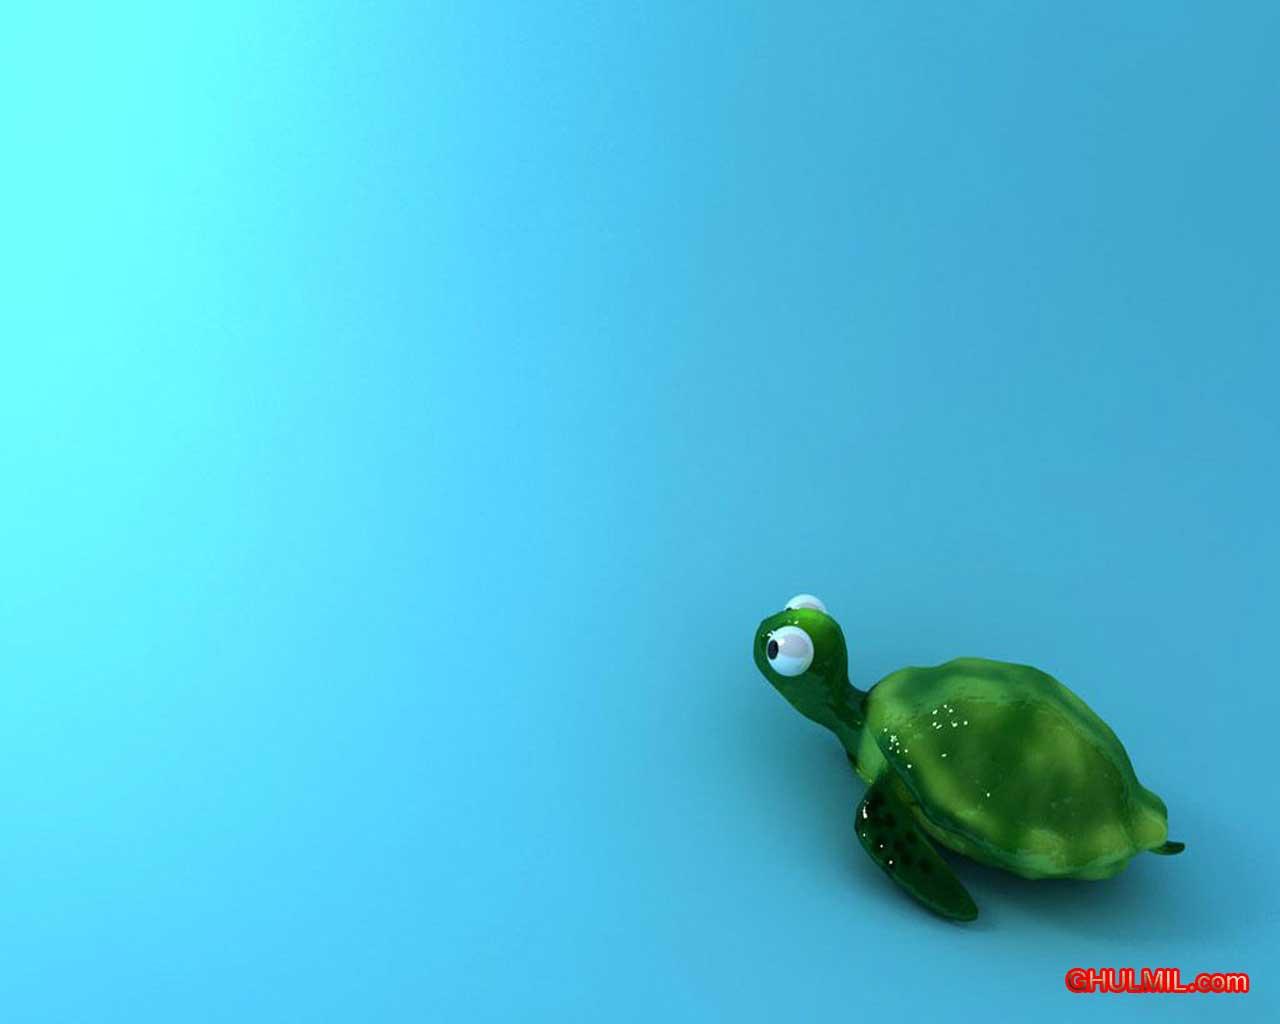 74+] Free Cute Wallpapers For Desktop on WallpaperSafari